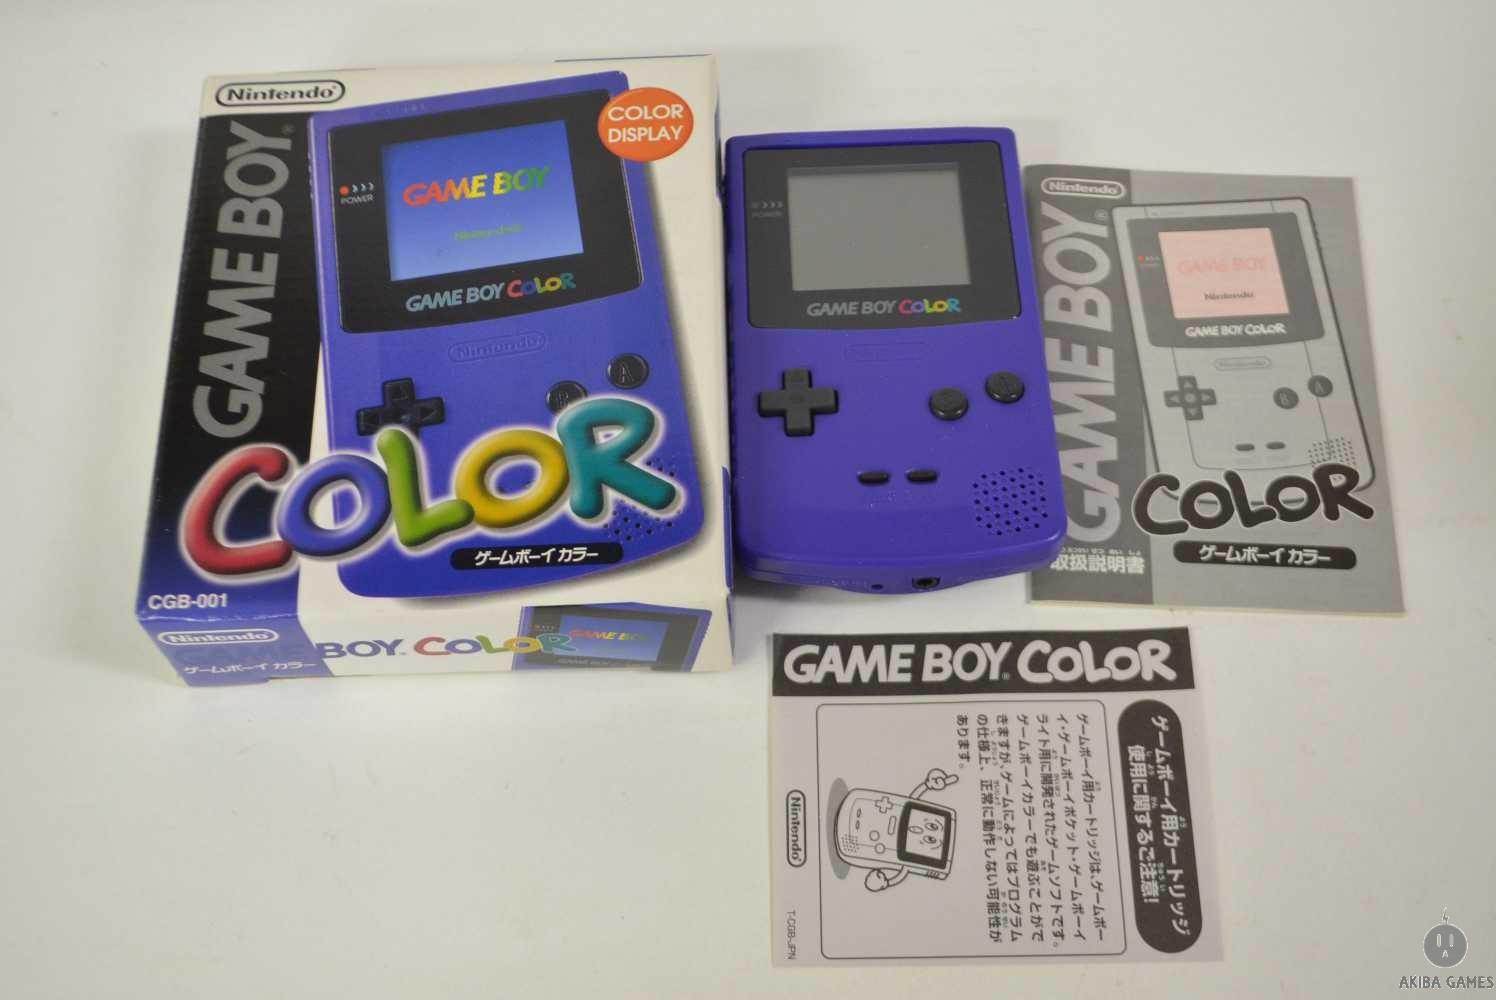 [GB] Console Nintendo Game Boy Color Purple CGB-001 System (VGC)